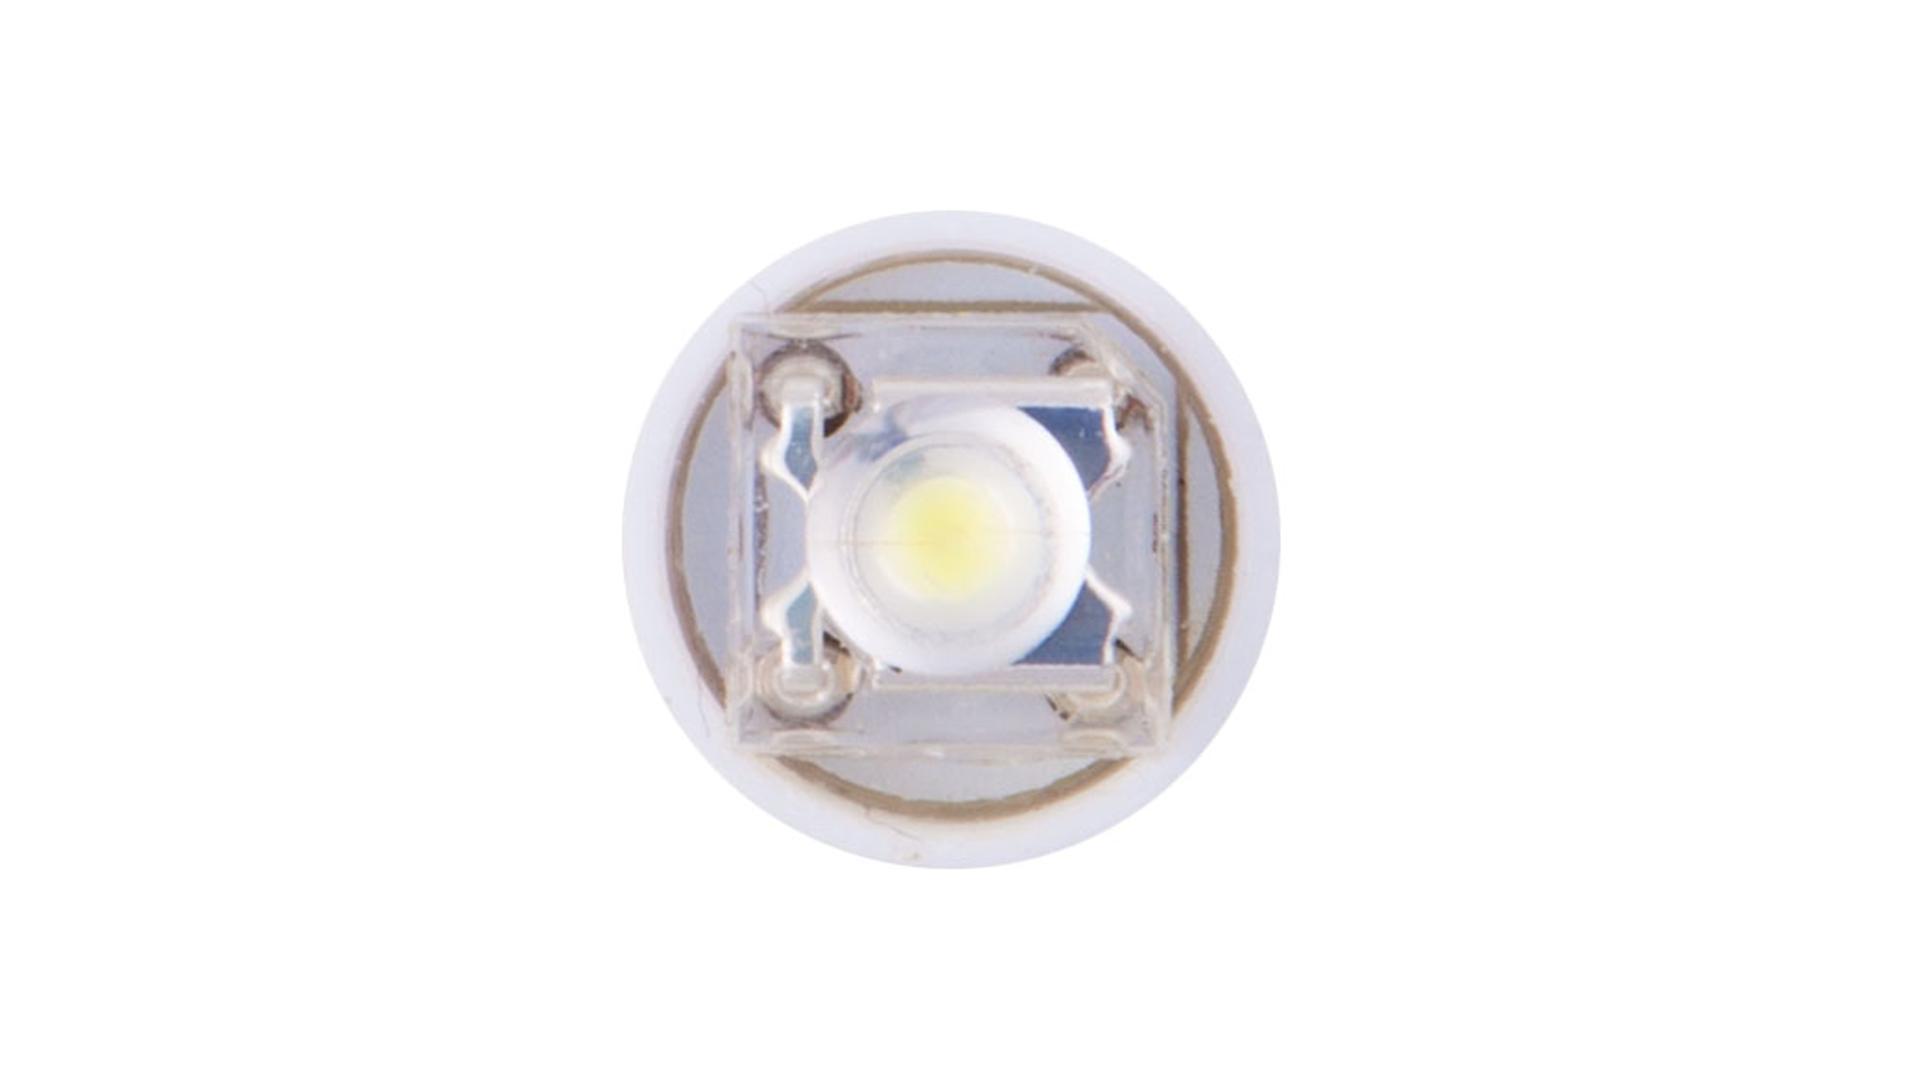 4CARS LED ŽIAROVKA 1LED 12V T10